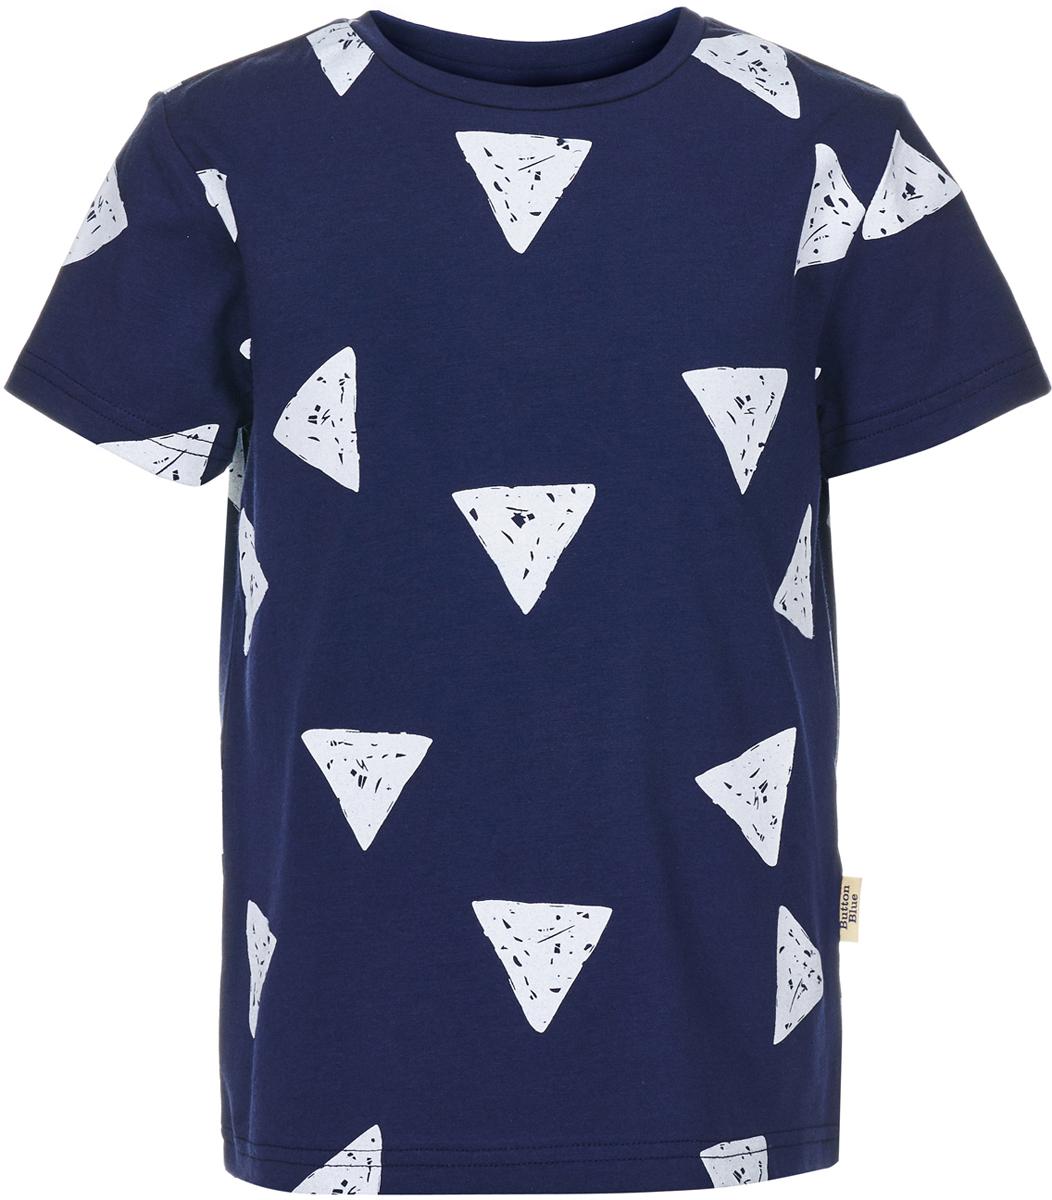 Футболка для мальчика Button Blue, цвет: темно-синий. 118BBBC12081009. Размер 152118BBBC12081009Чтобы порадовать юного модника, ему можно купить футболку для мальчика от Button Blue, украшенную оригинальным орнаментом из треугольников. Трикотажная футболка с коротким рукавом станет отличной основой многих летних образов. Она изготовлена из мягкой легкой ткани - джерси, которая дарит только комфорт и приятные ощущения.